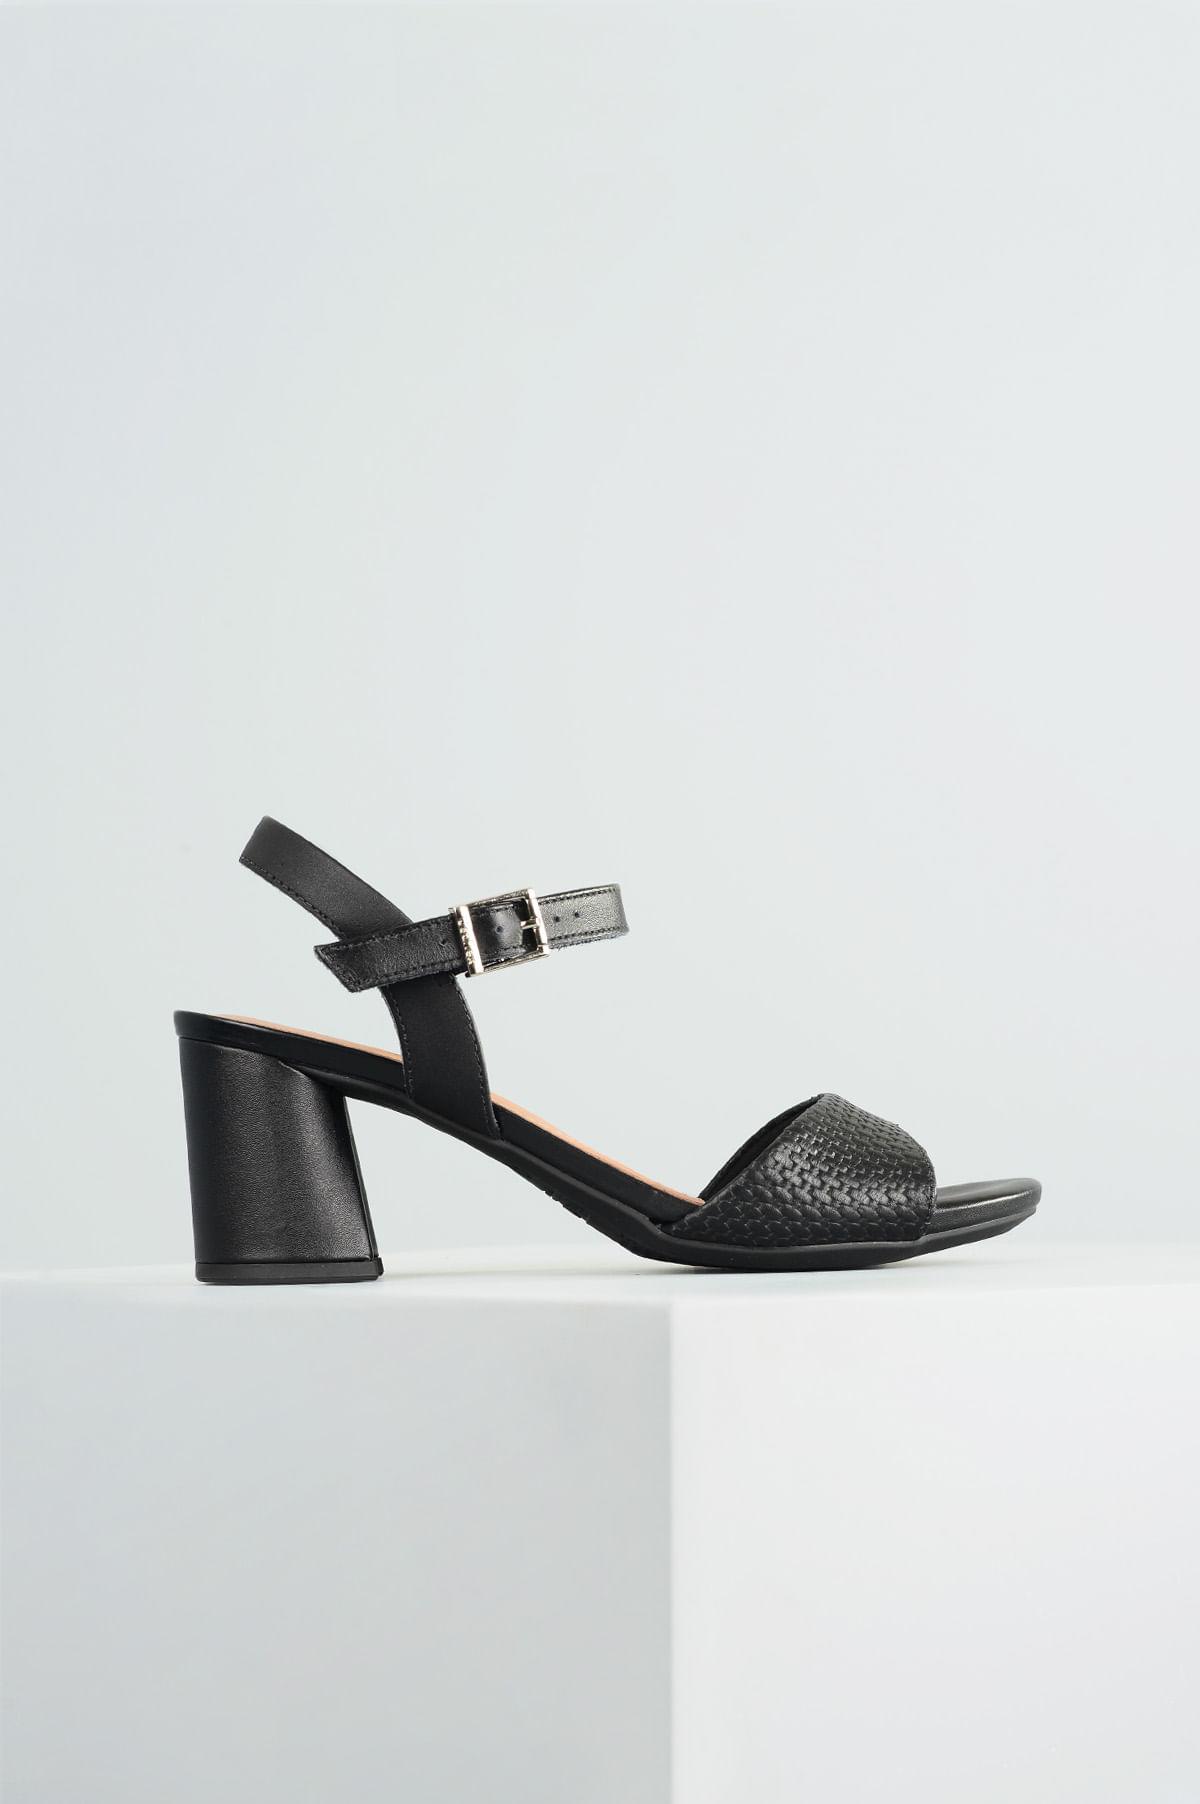 82e67007cc Sandália Feminina Salto Alto Dyane Usaflex CR-PRETO - Mundial Calçados